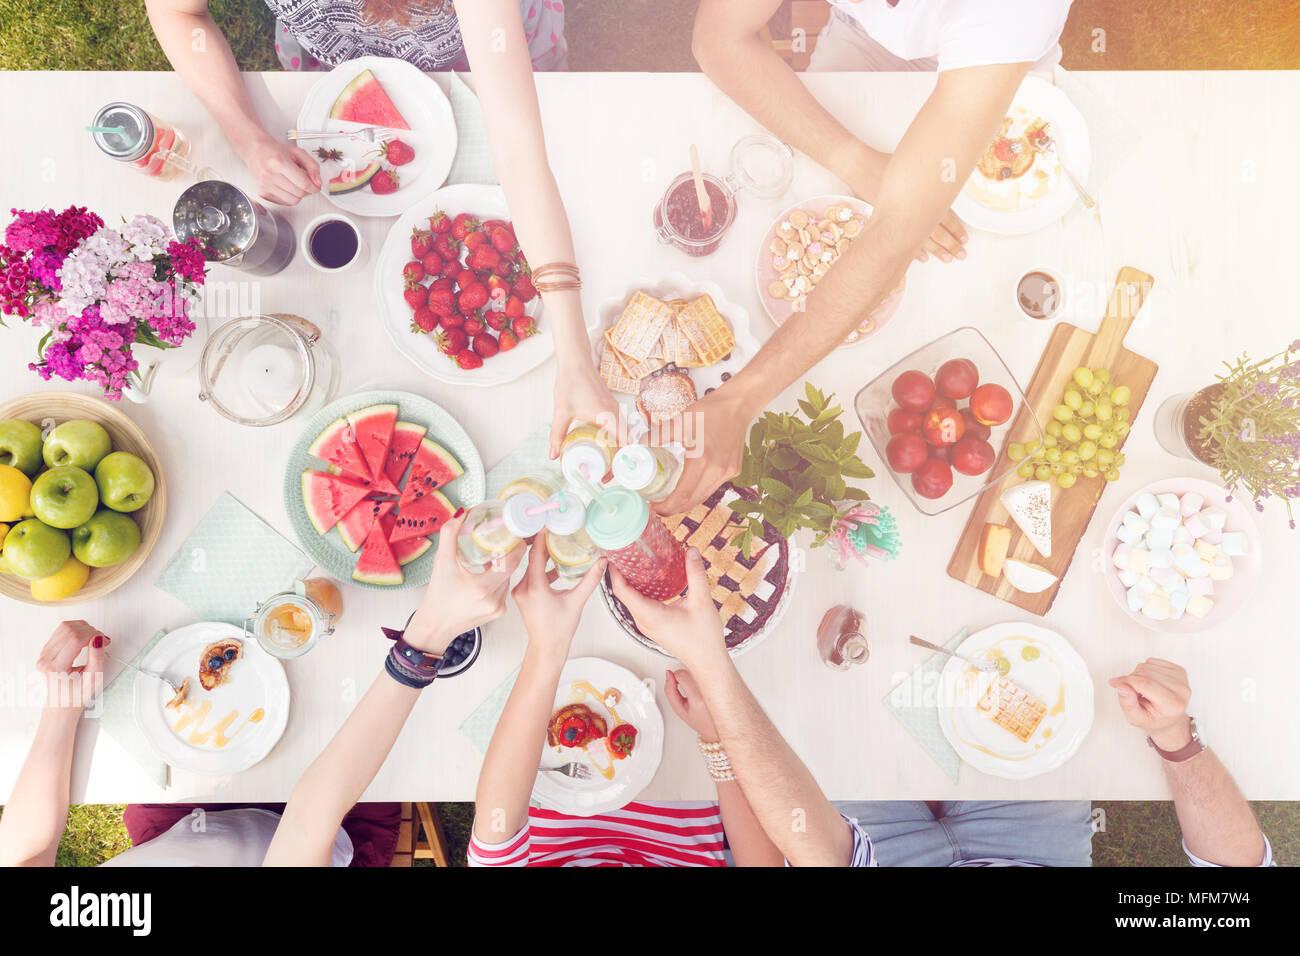 Grupo de raza mixta a comer comida saludable al aire libre y tostado Imagen De Stock